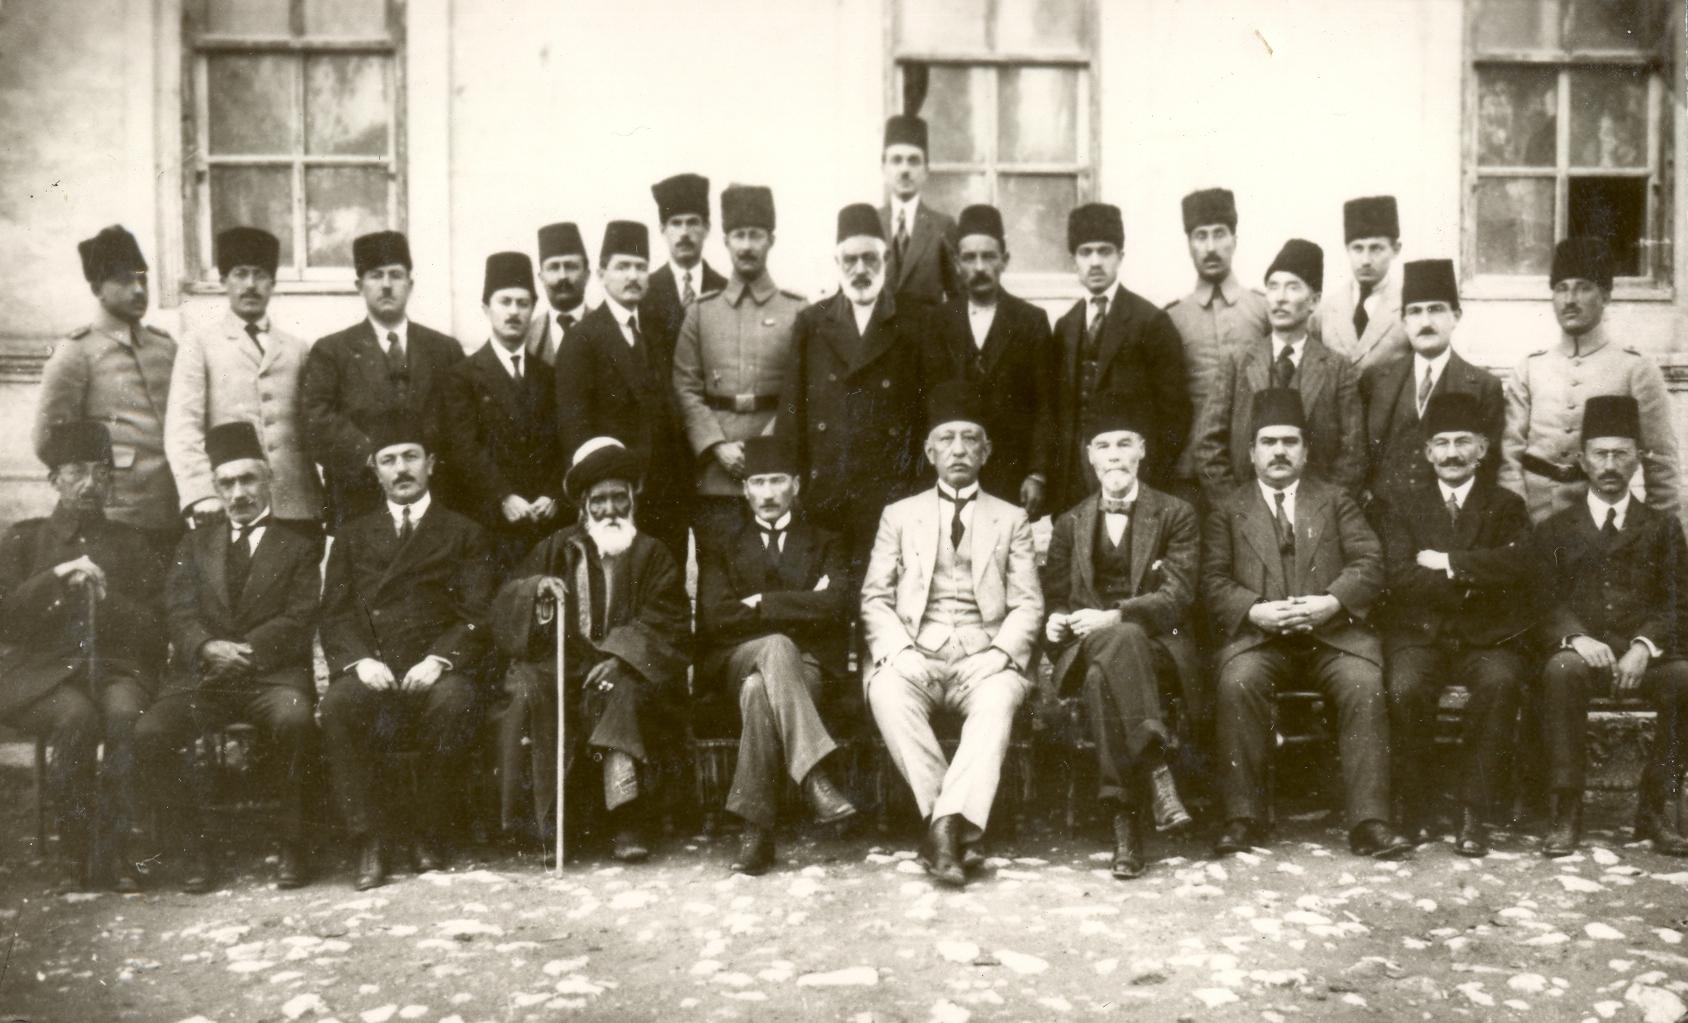 Le 29 octobre fête de la République de Turquie